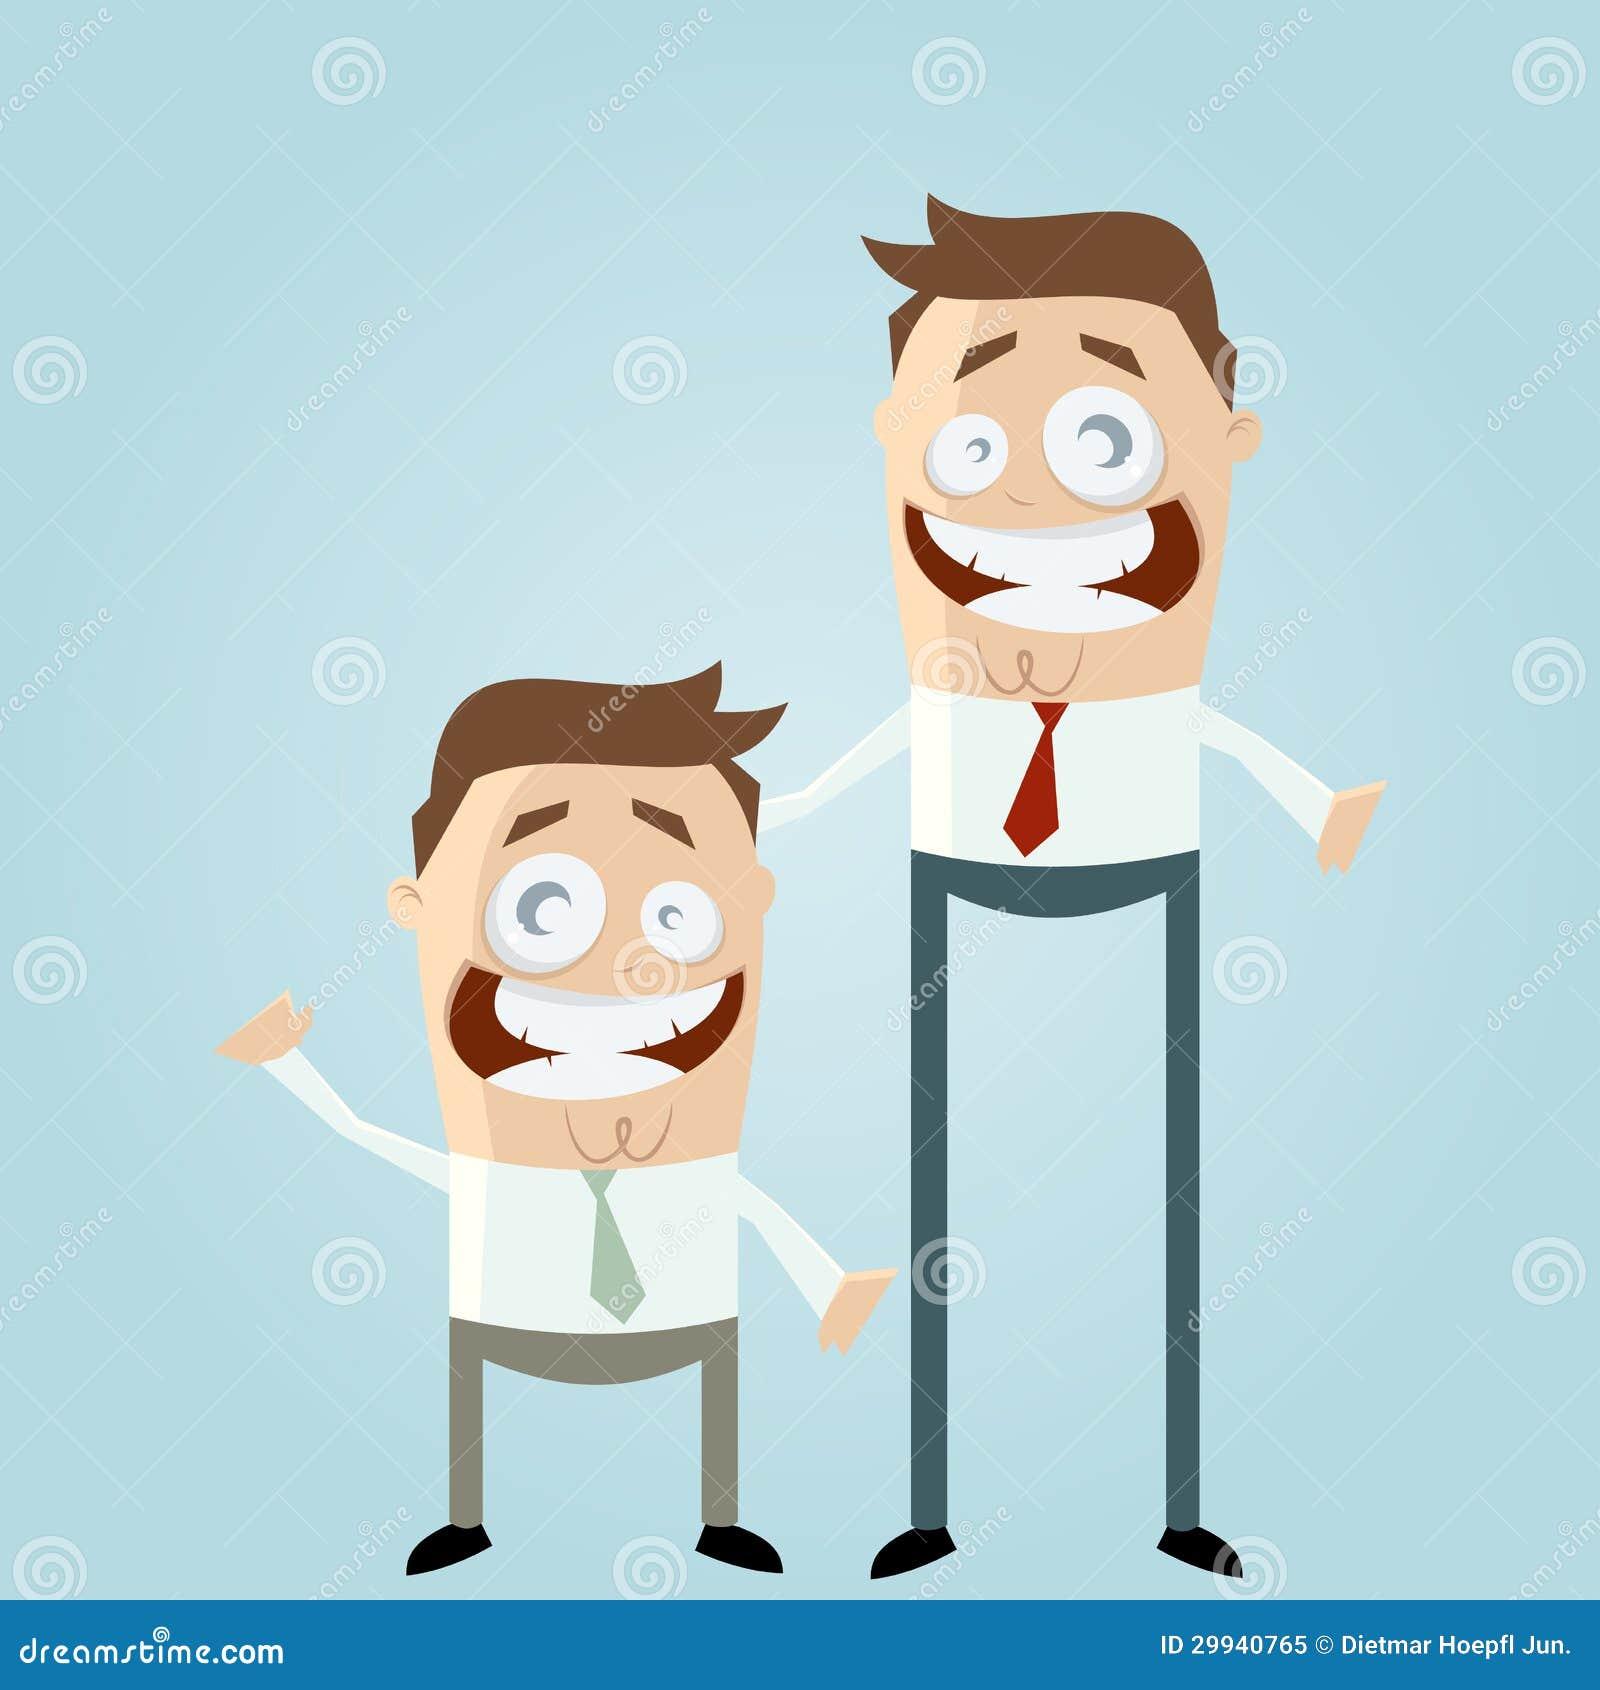 Short Tall Men Stock Illustrations 41 Short Tall Men Stock